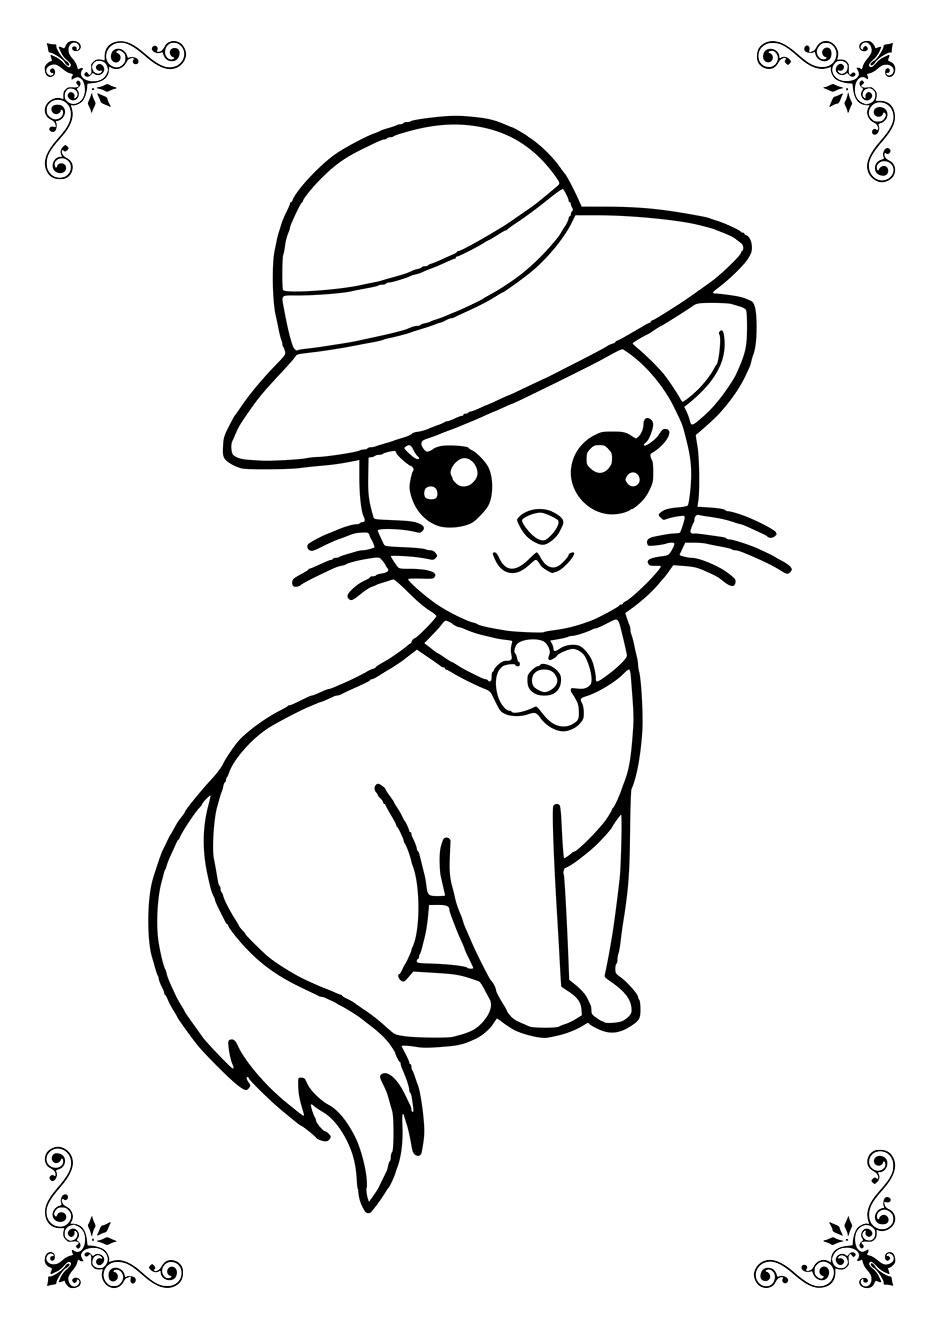 Раскраска: кошка в шляпке — raskraski-a4.ru